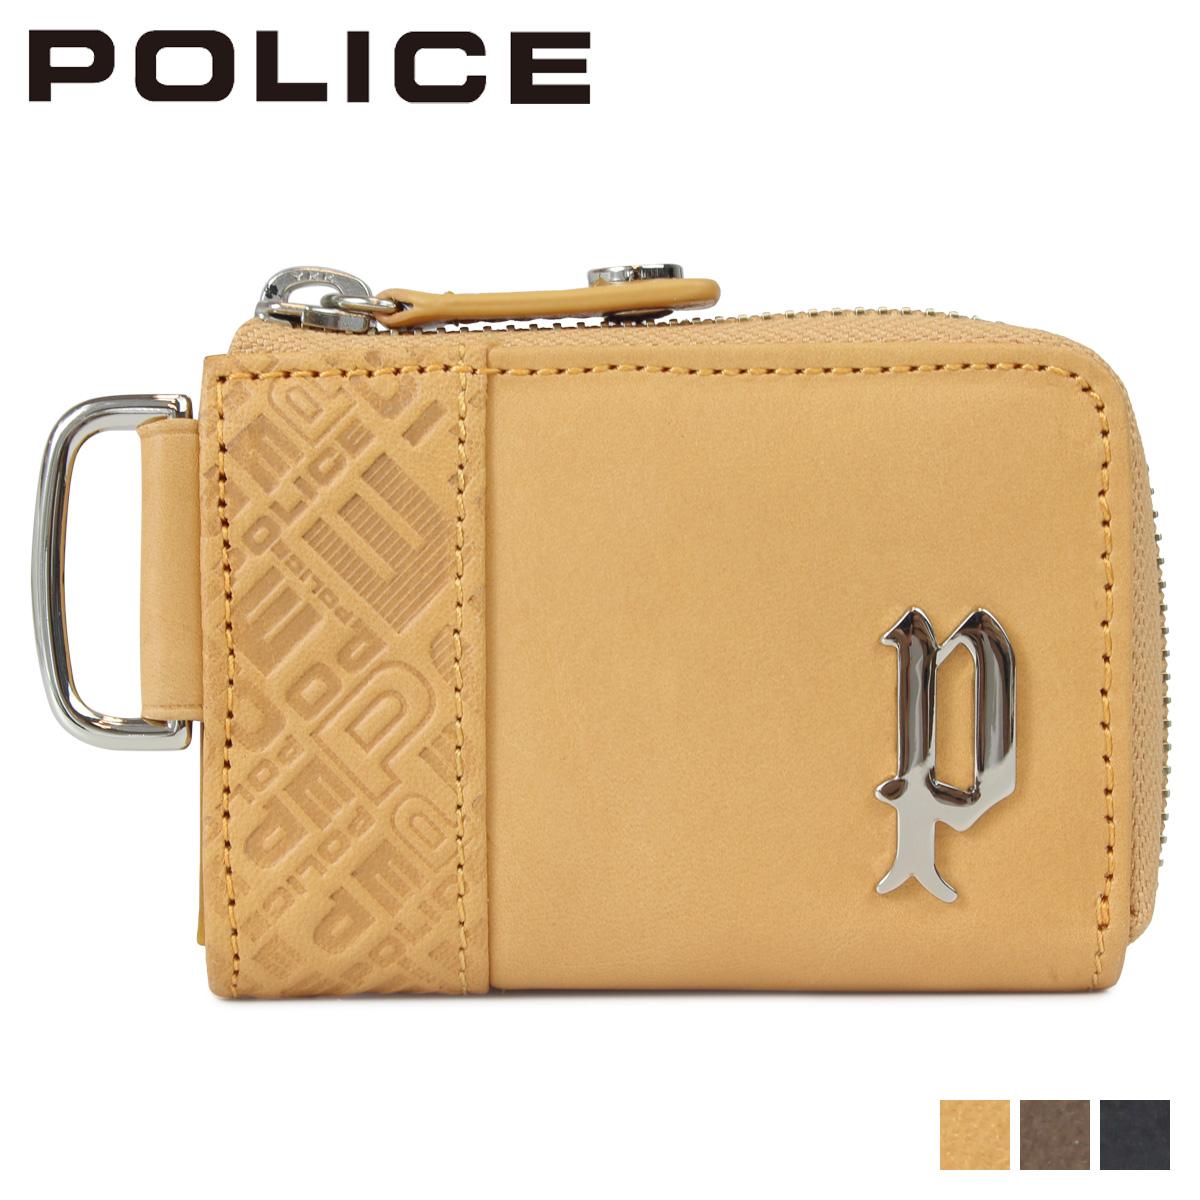 POLICE CIRCUIT COIN PURSE ポリス 財布 小銭入れ コインケース メンズ ラウンドファスナー レザー ブラック グレー キャメル 黒 PA-6101